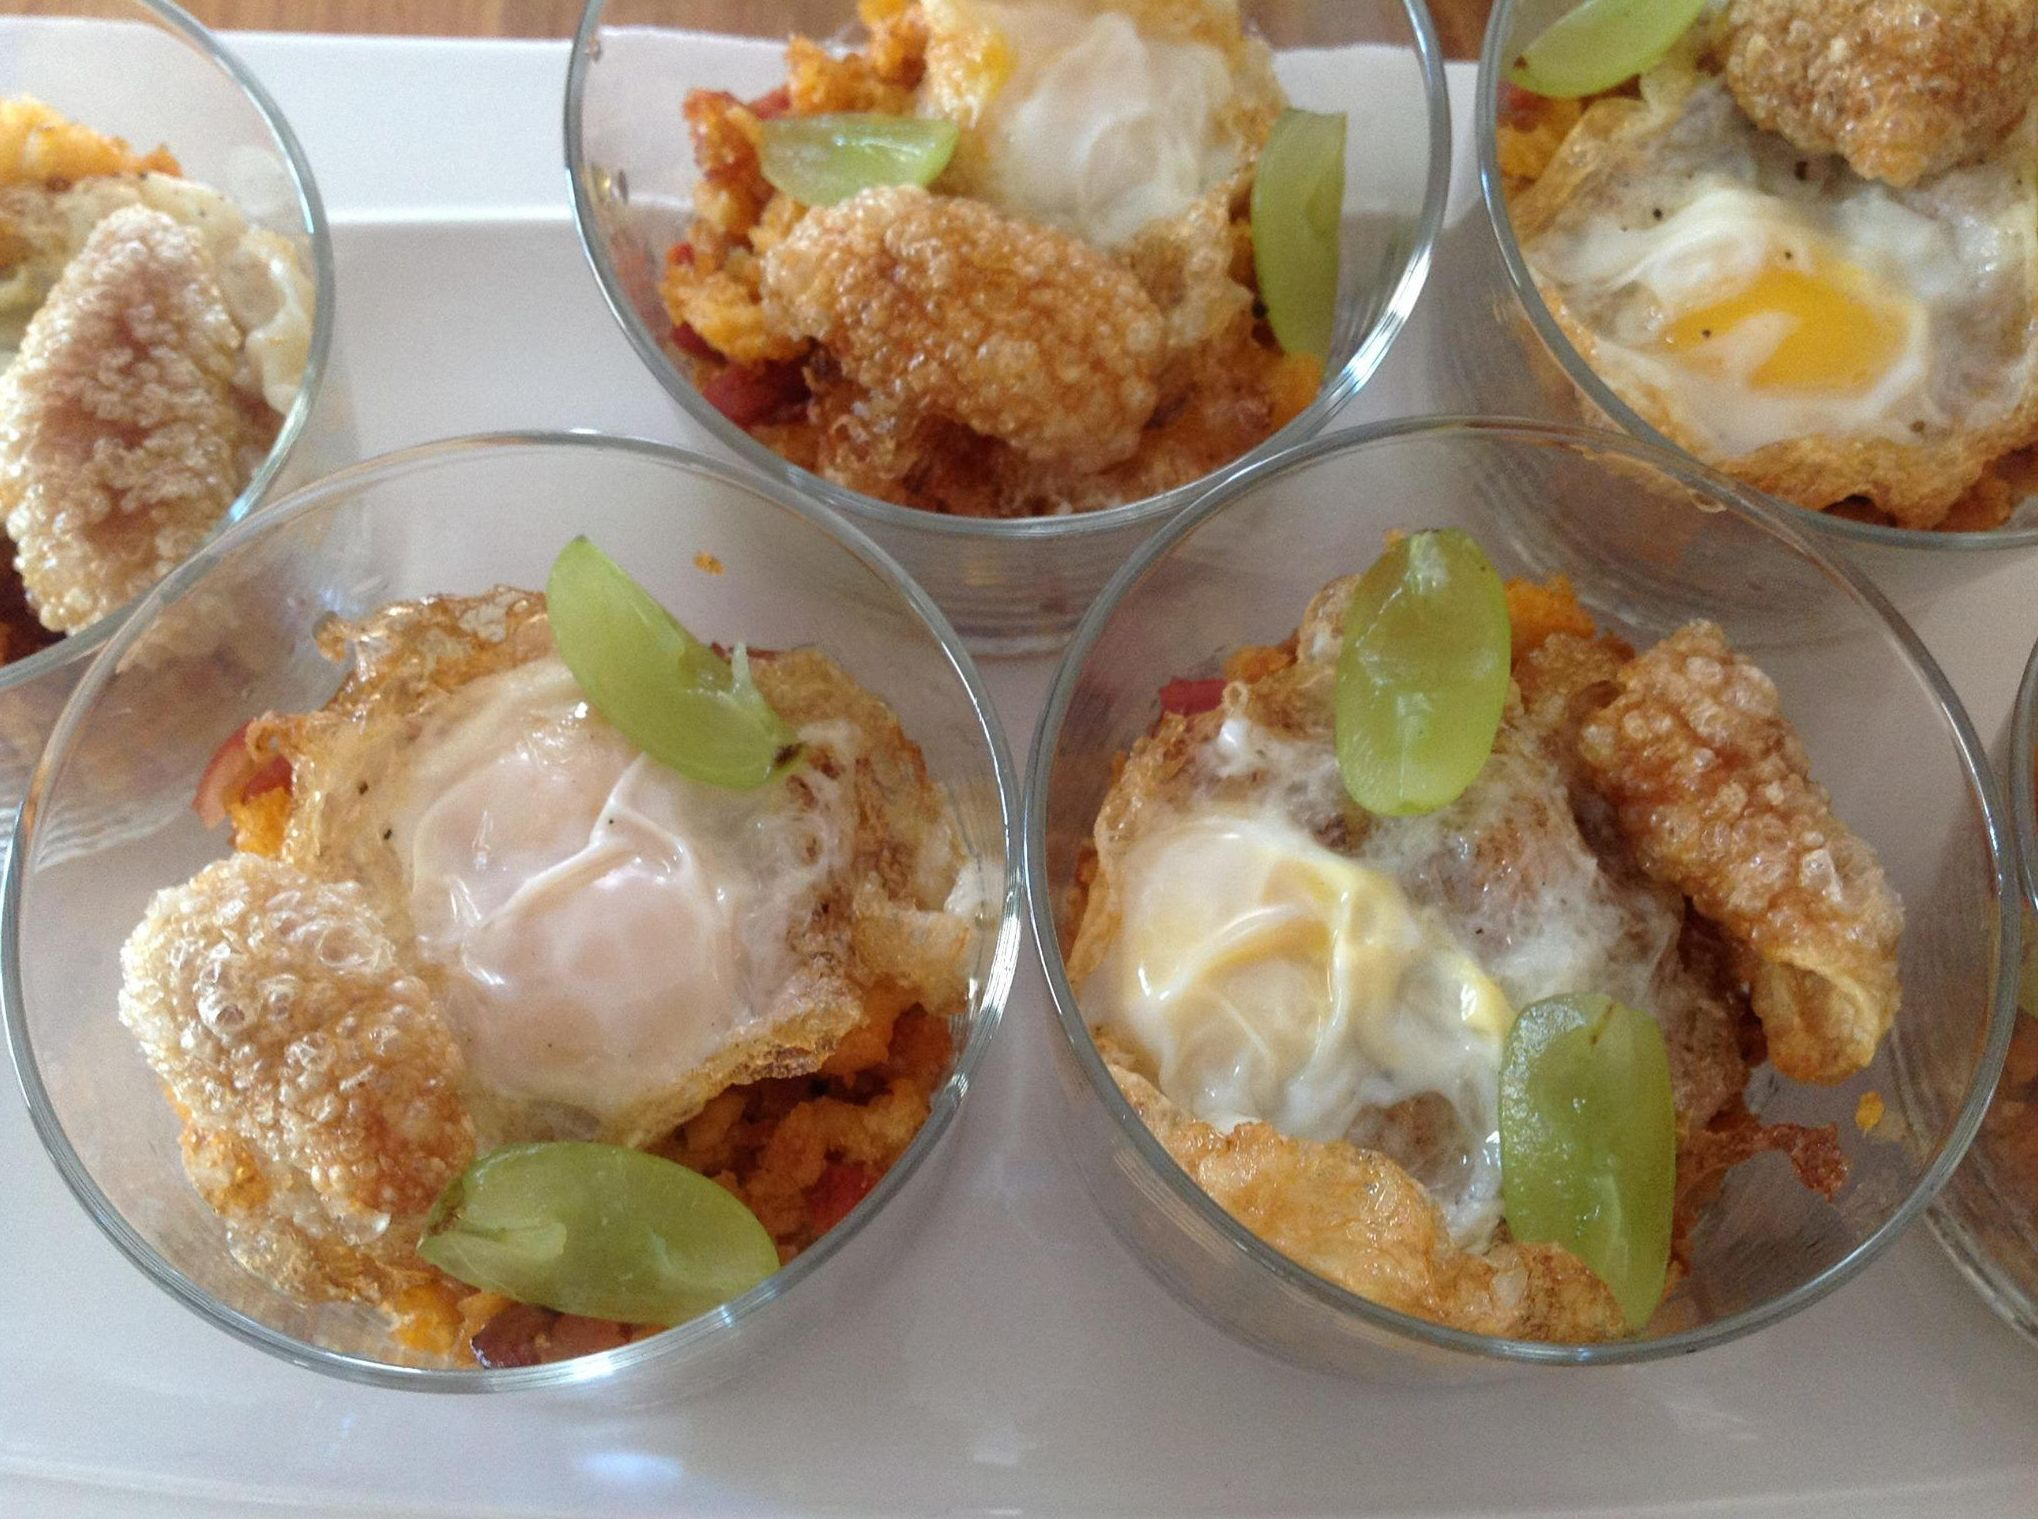 Una versión de las migas con huevo. Foto: Restaurante Duque.